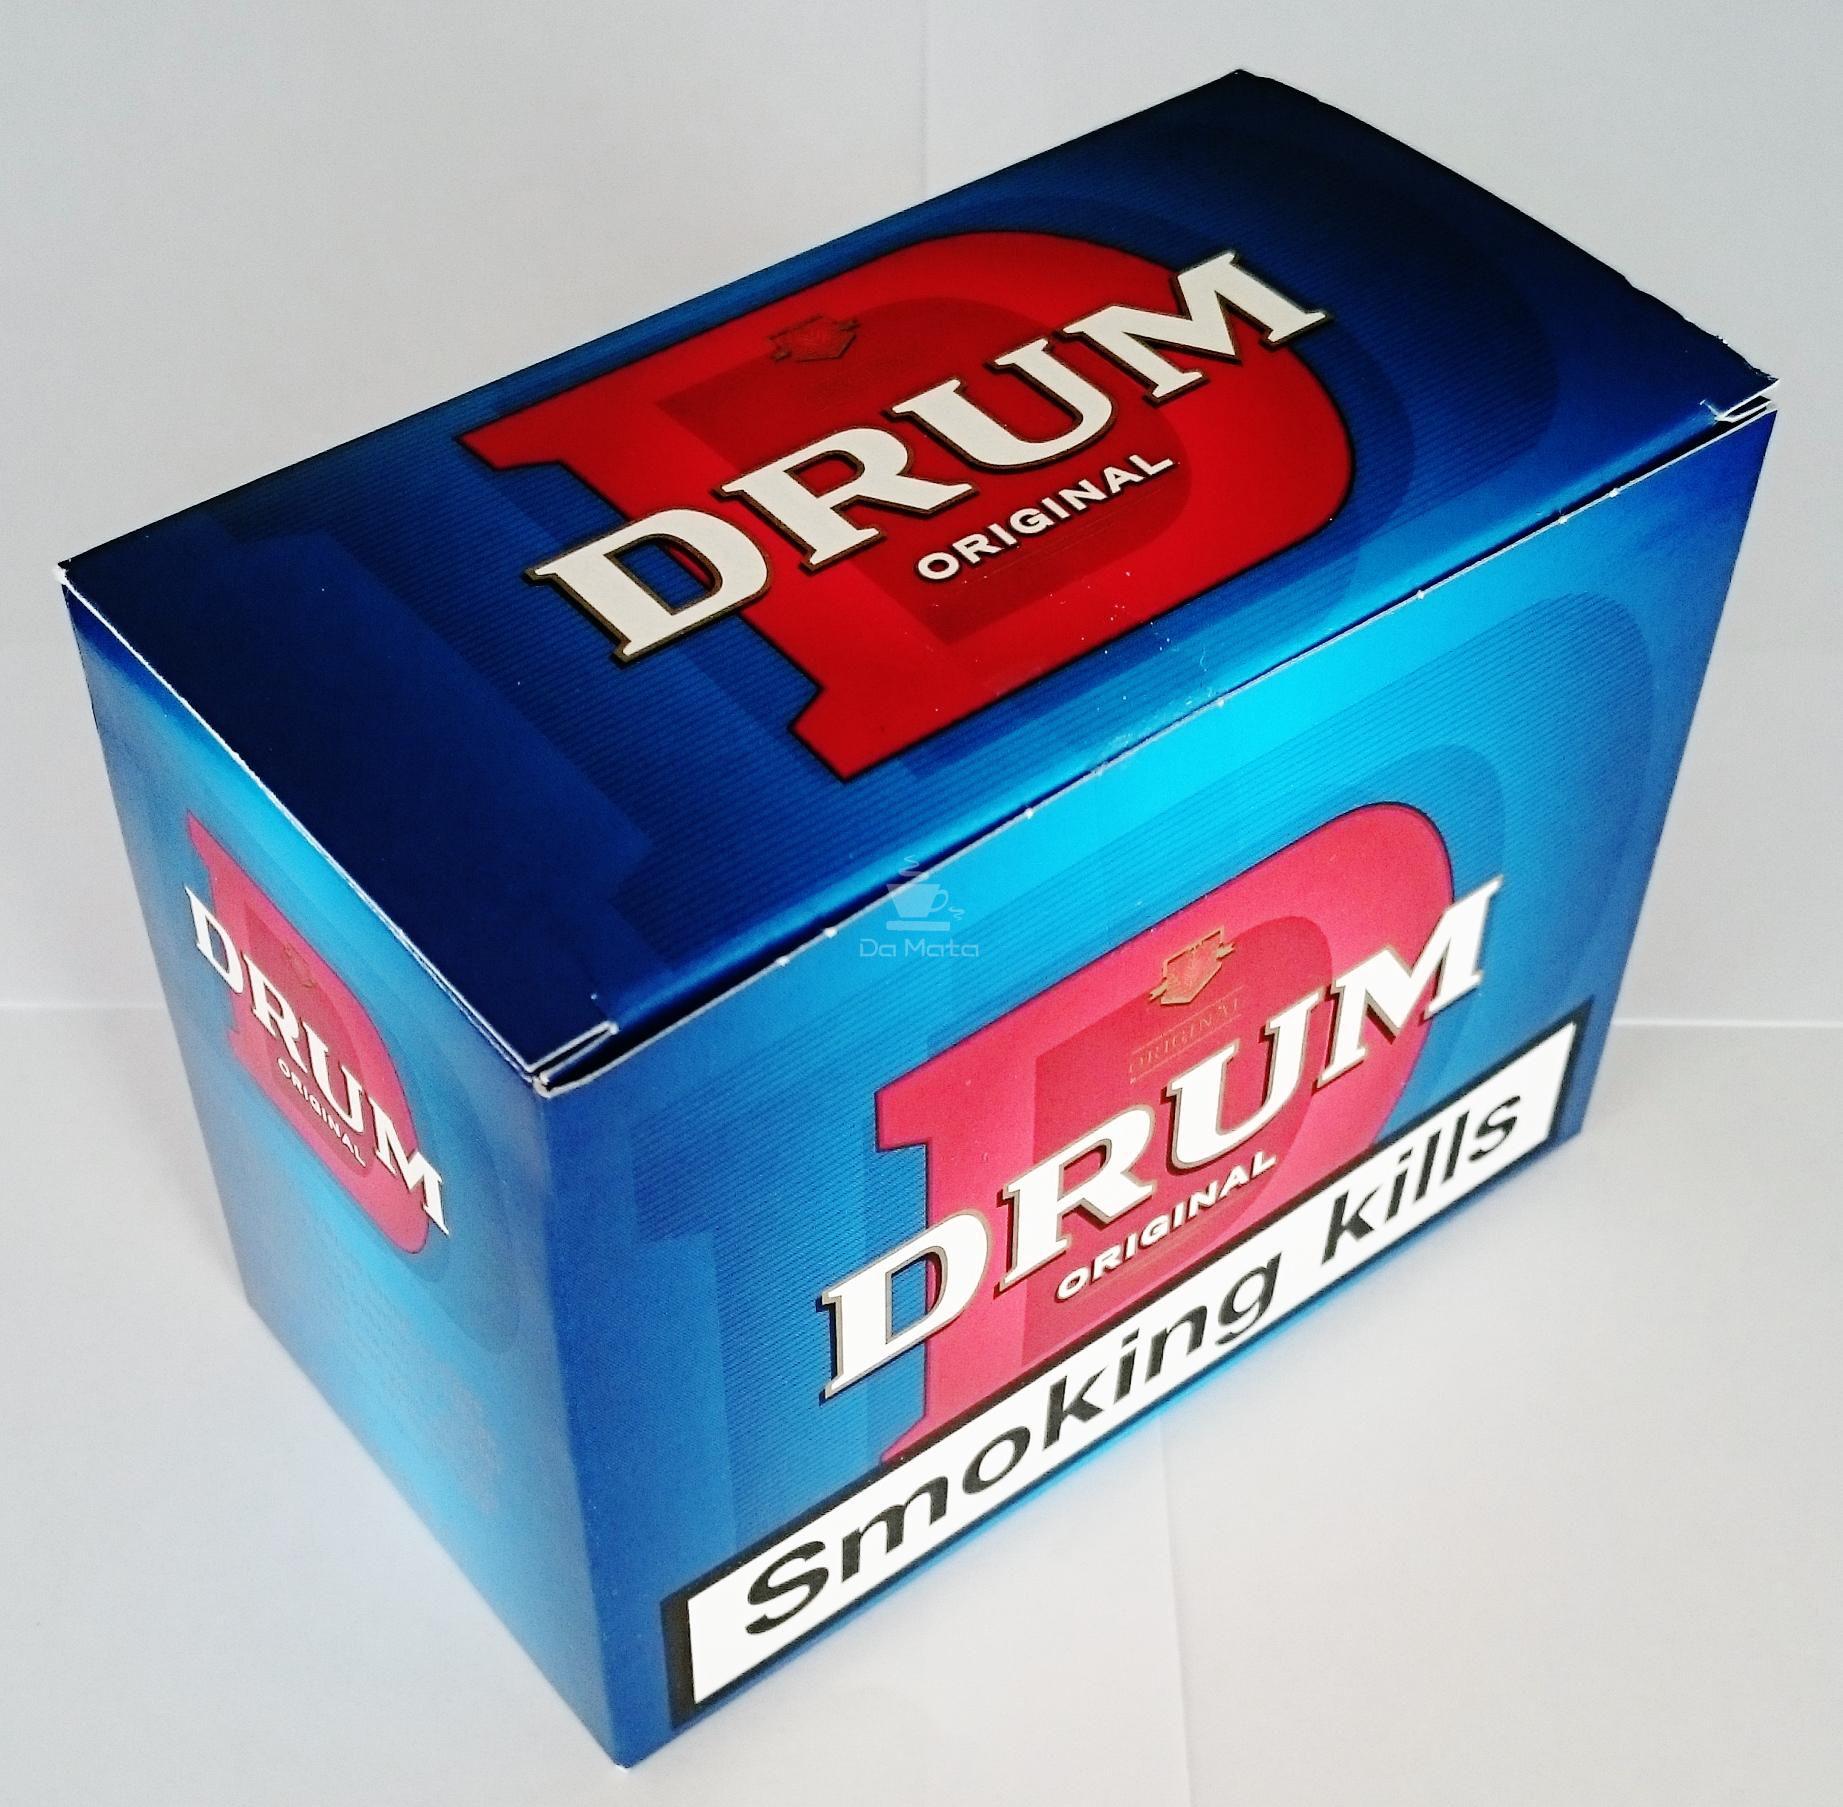 Caixa Drum - The Original - 5 uni